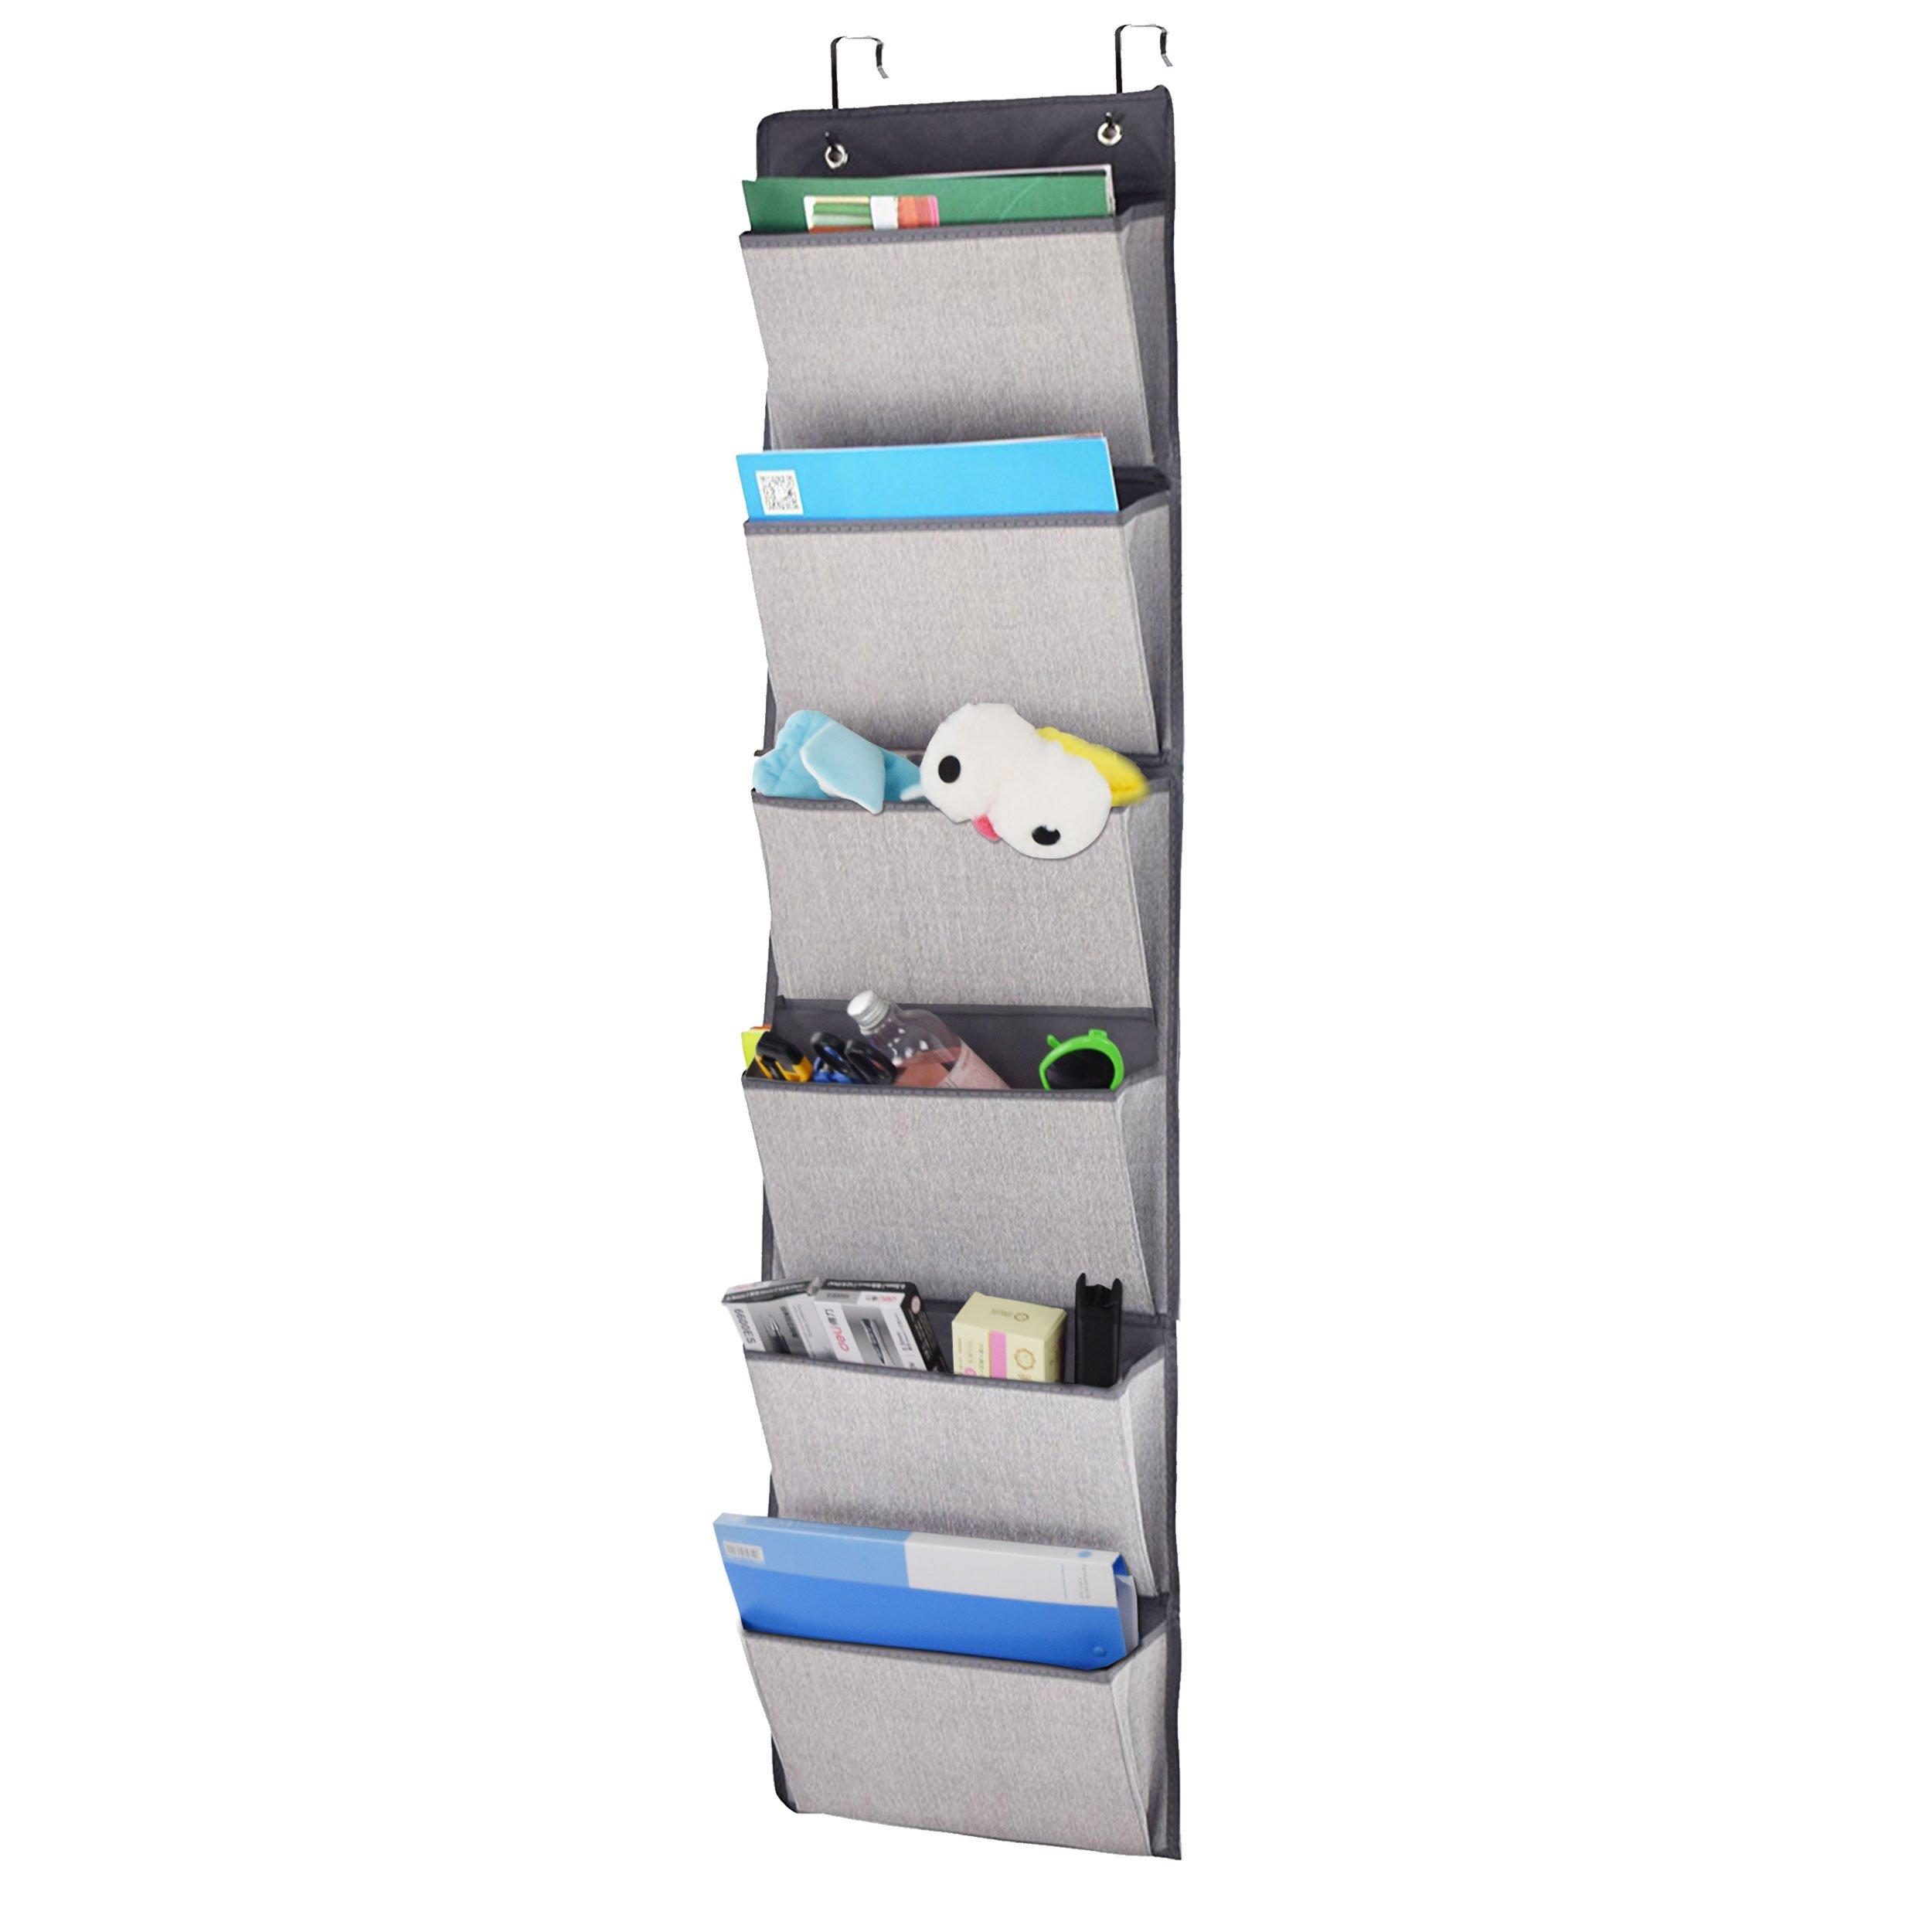 Wall Mount 6 Trays Hanging File Sorter Organizer Folder